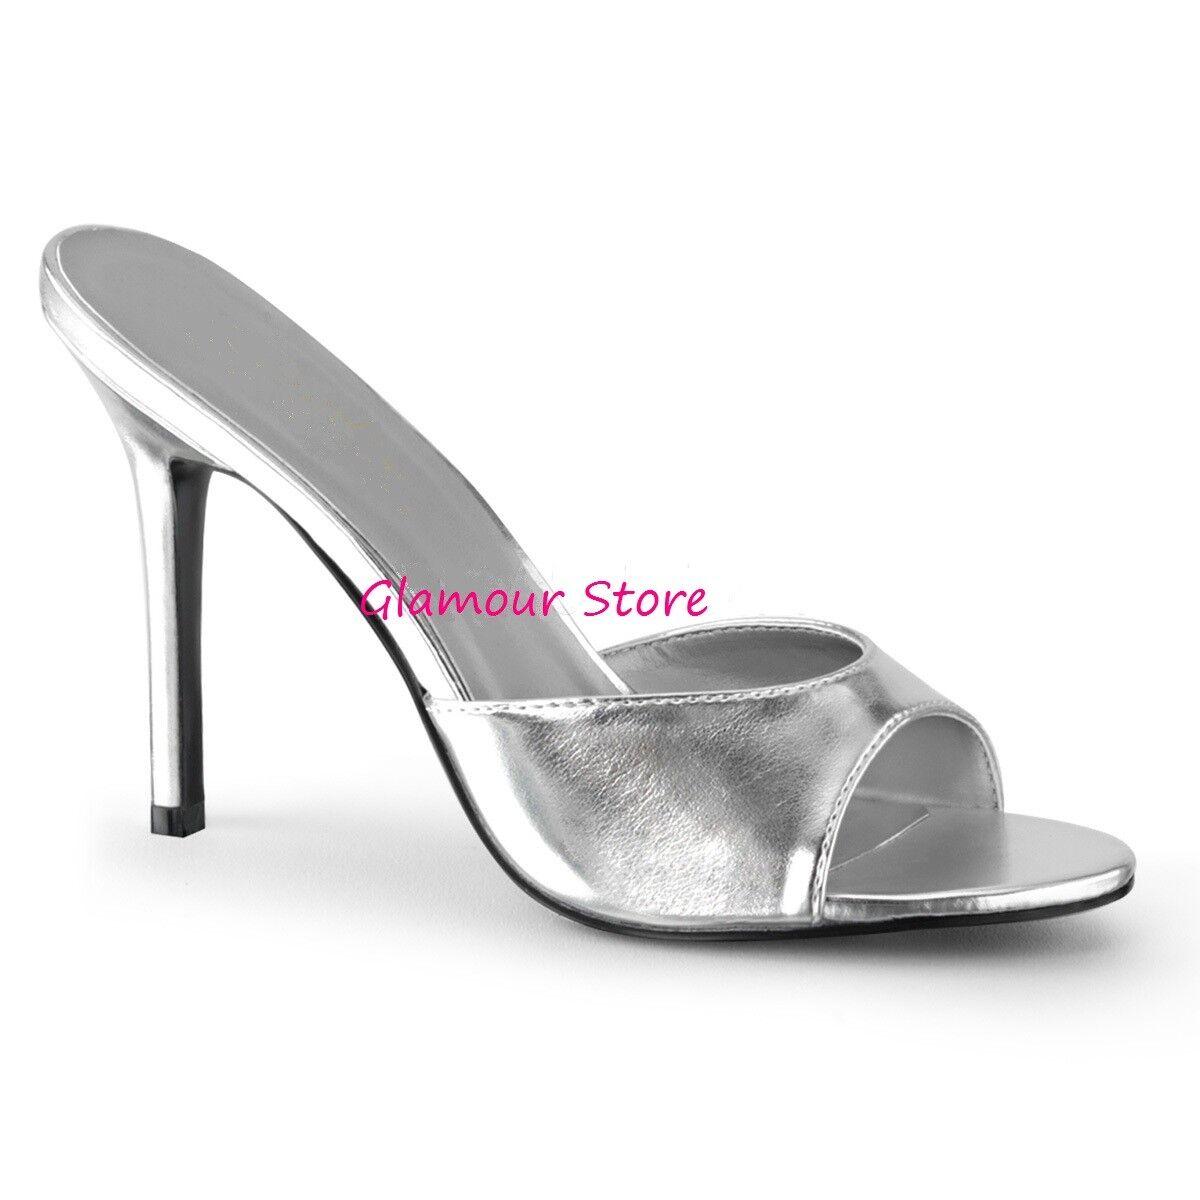 Sexy SANDALI tacco 10 dal 35 al scarpe 46 ARGENTO METALLIZZATO sabot scarpe al Glamour 0e92fe